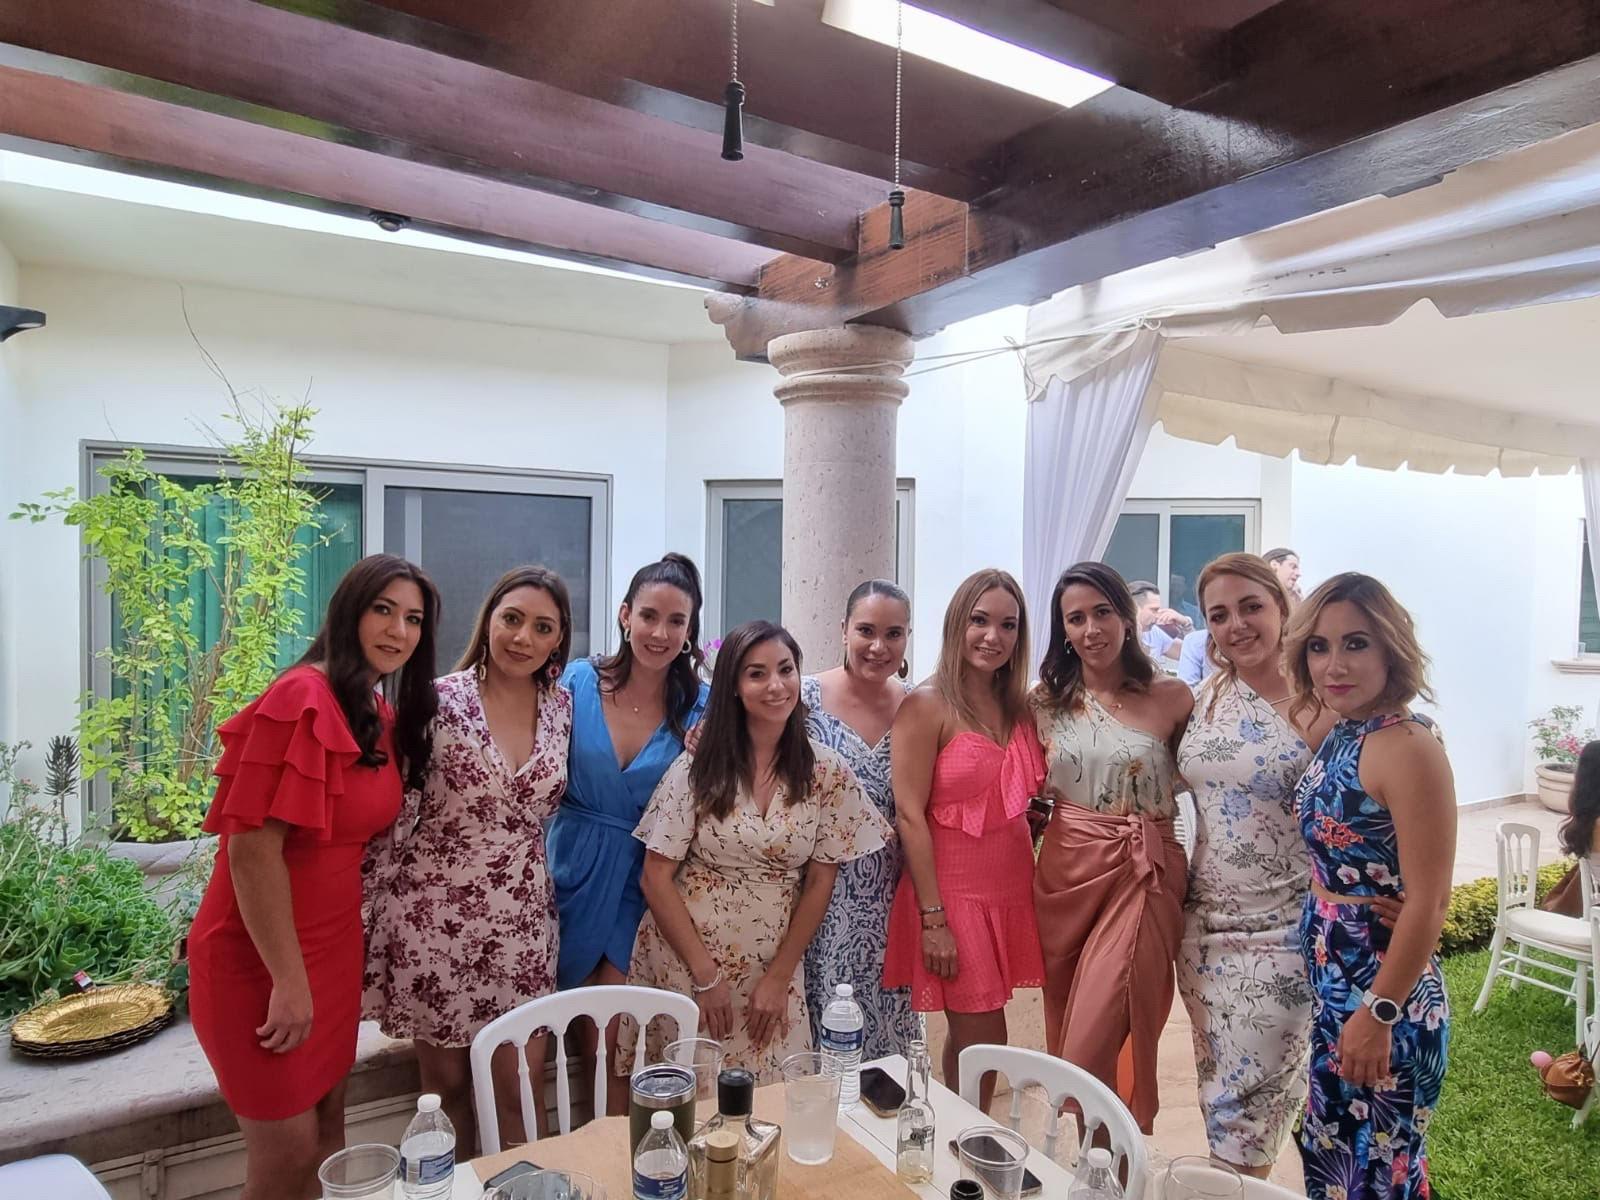 Miriam Rodríguez, Lorena Dávila, Renata Lobo, Nadia Sánchez, Marcela Garza, Ana Laura Cardenas, Diana García, Ivanova Rosales y Alejandra Salgado.